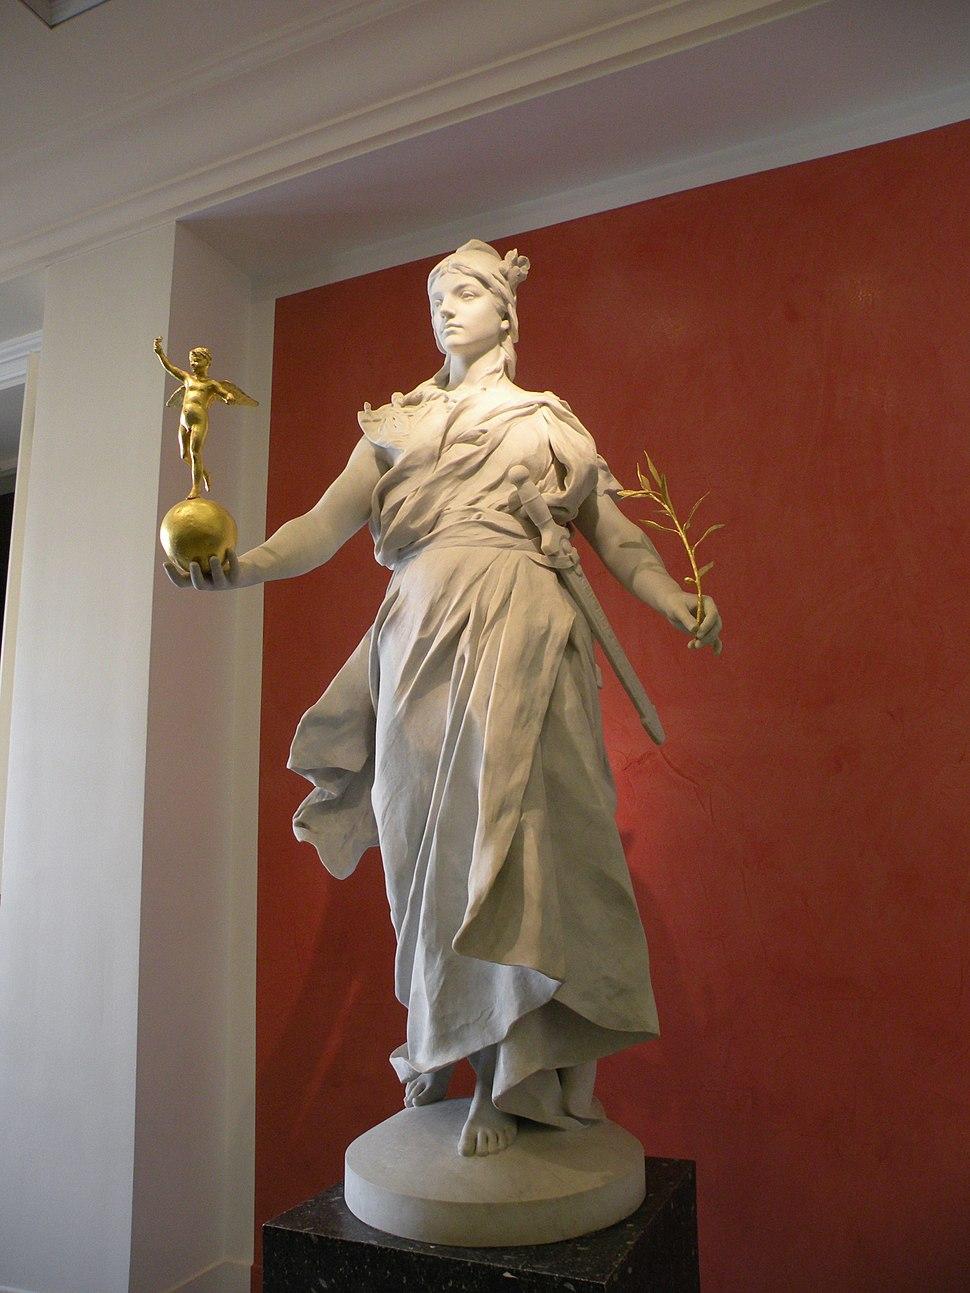 Statue bureau de poste Palais Bourbon